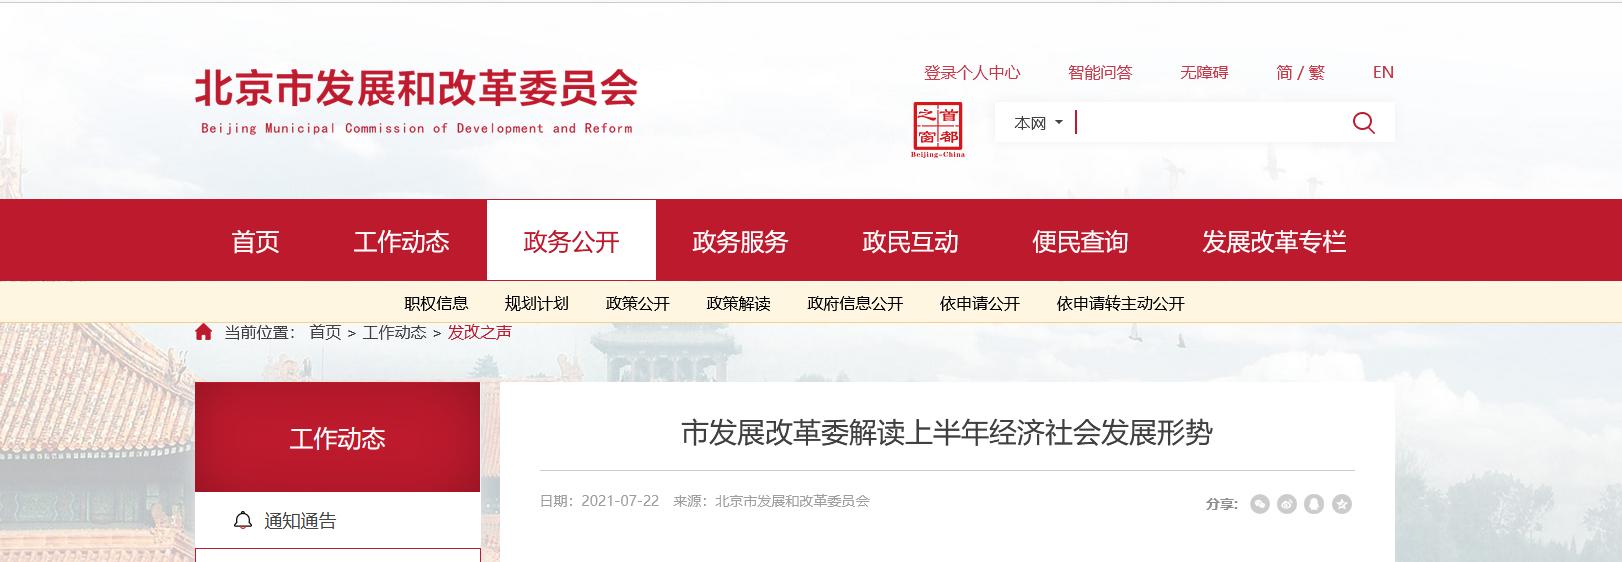 """北京上半年""""3个100""""市重点工程完成投资约1349亿元"""